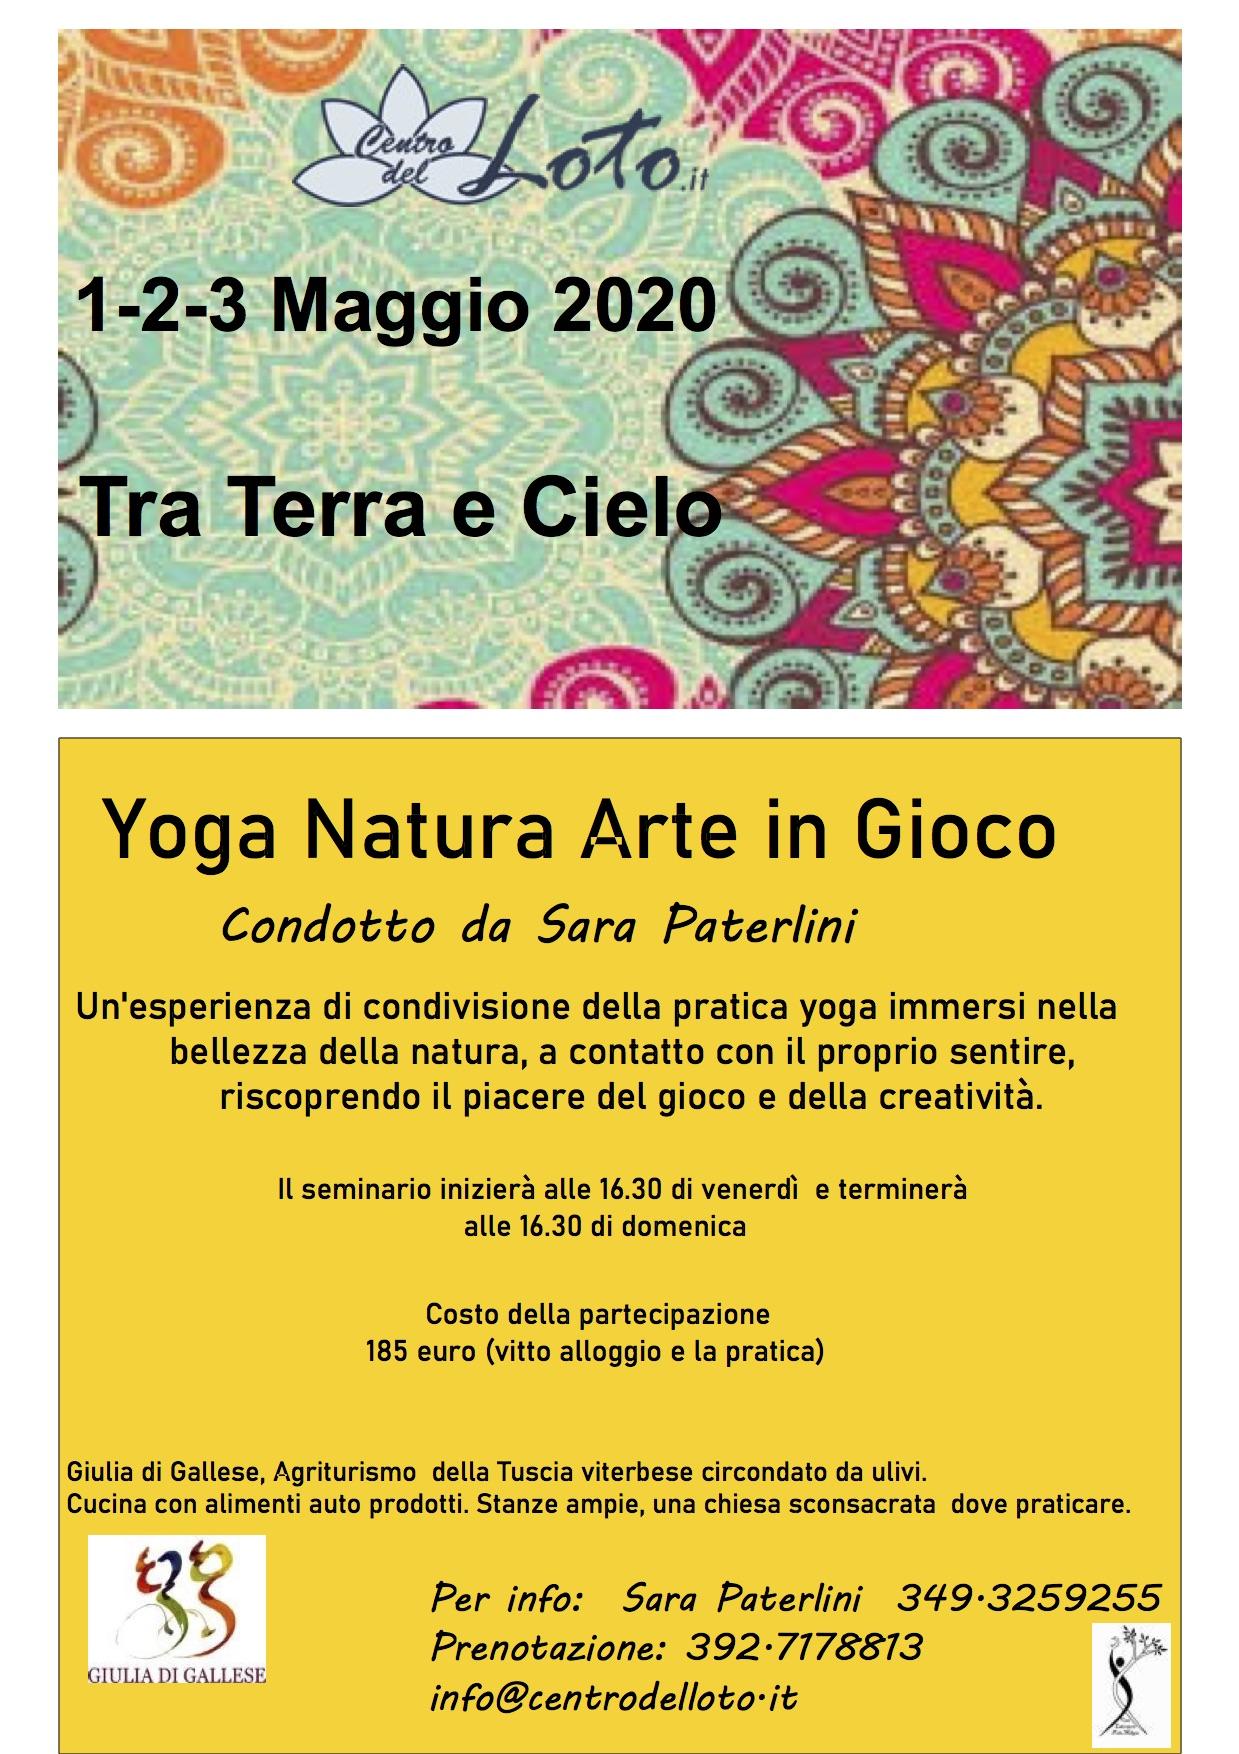 Tra Terra e Cielo - Seminario residenziale @ Agriturismo Giulia di Gallese | Lazio | Italia